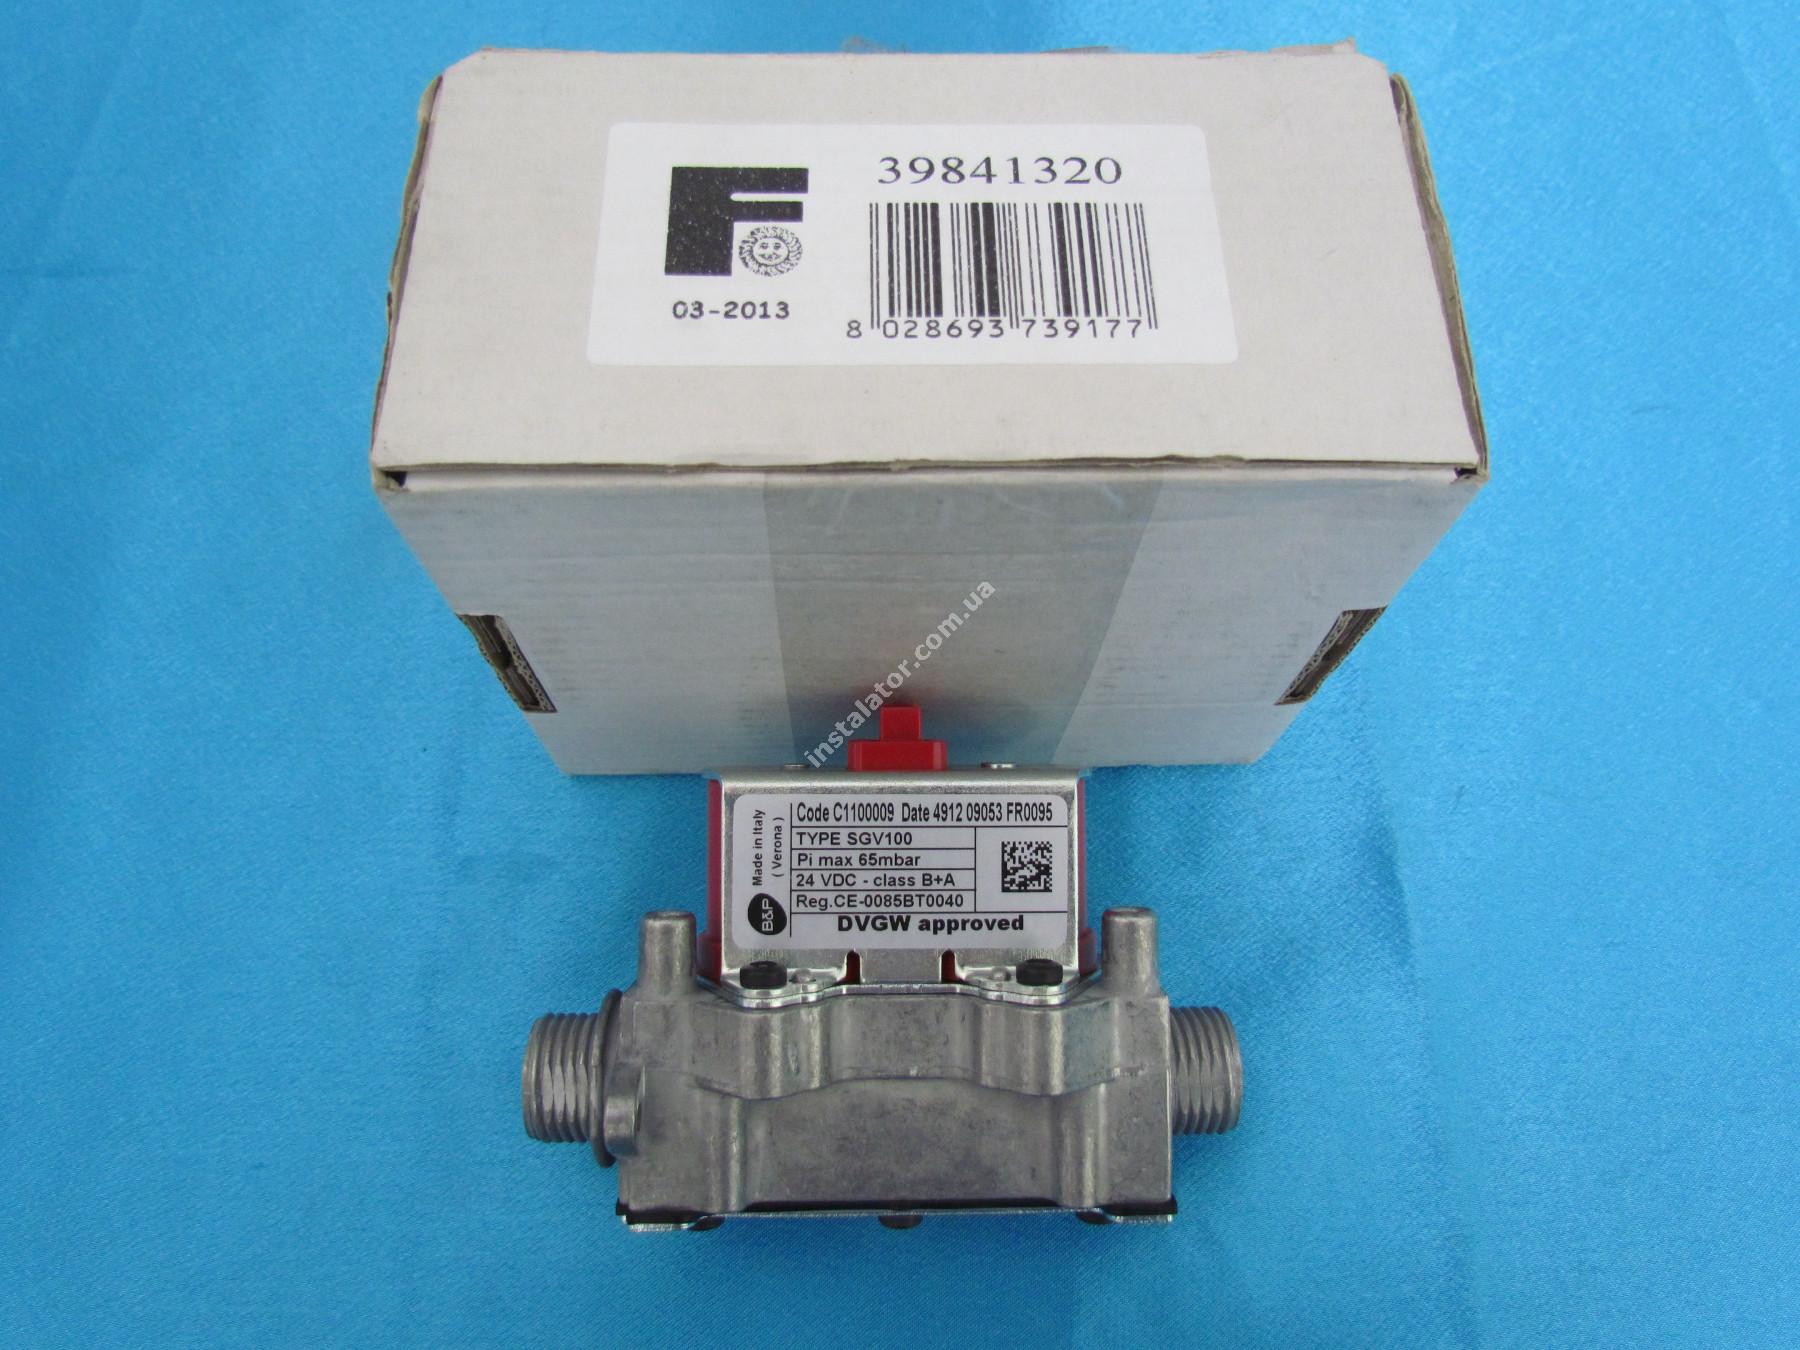 39841320 Газовый клапан Ferroli Domiproject D, Domitech D, FerEasy D 24-32 кВт. full-image-1